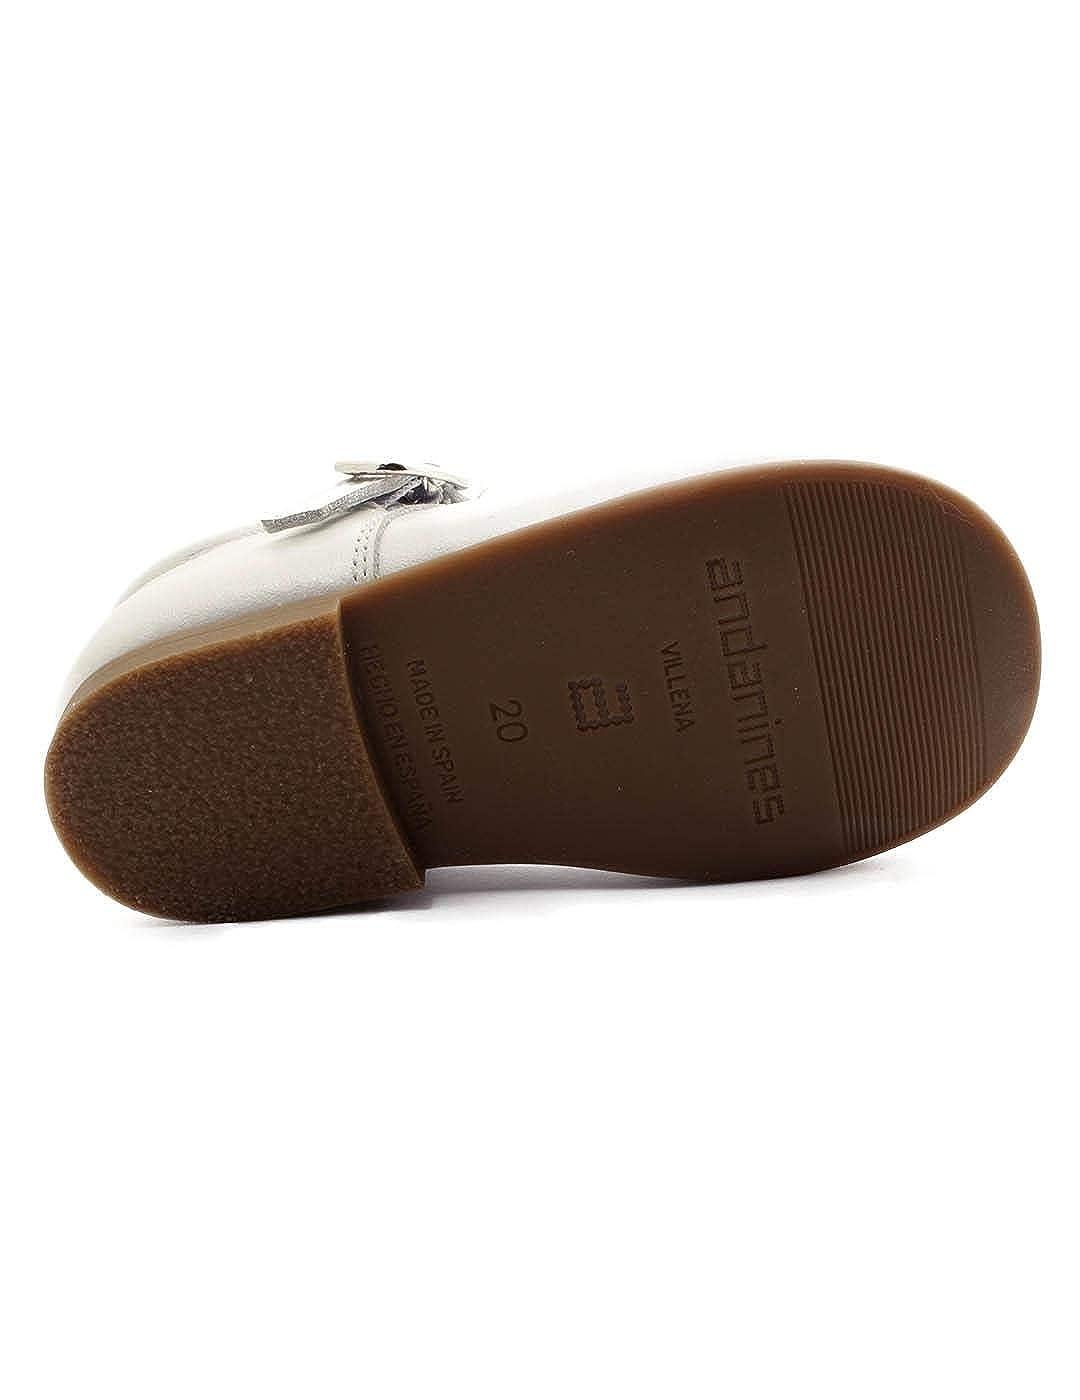 Mercedita Andanines Lazo Nacarado Blanco: Amazon.es: Zapatos ...